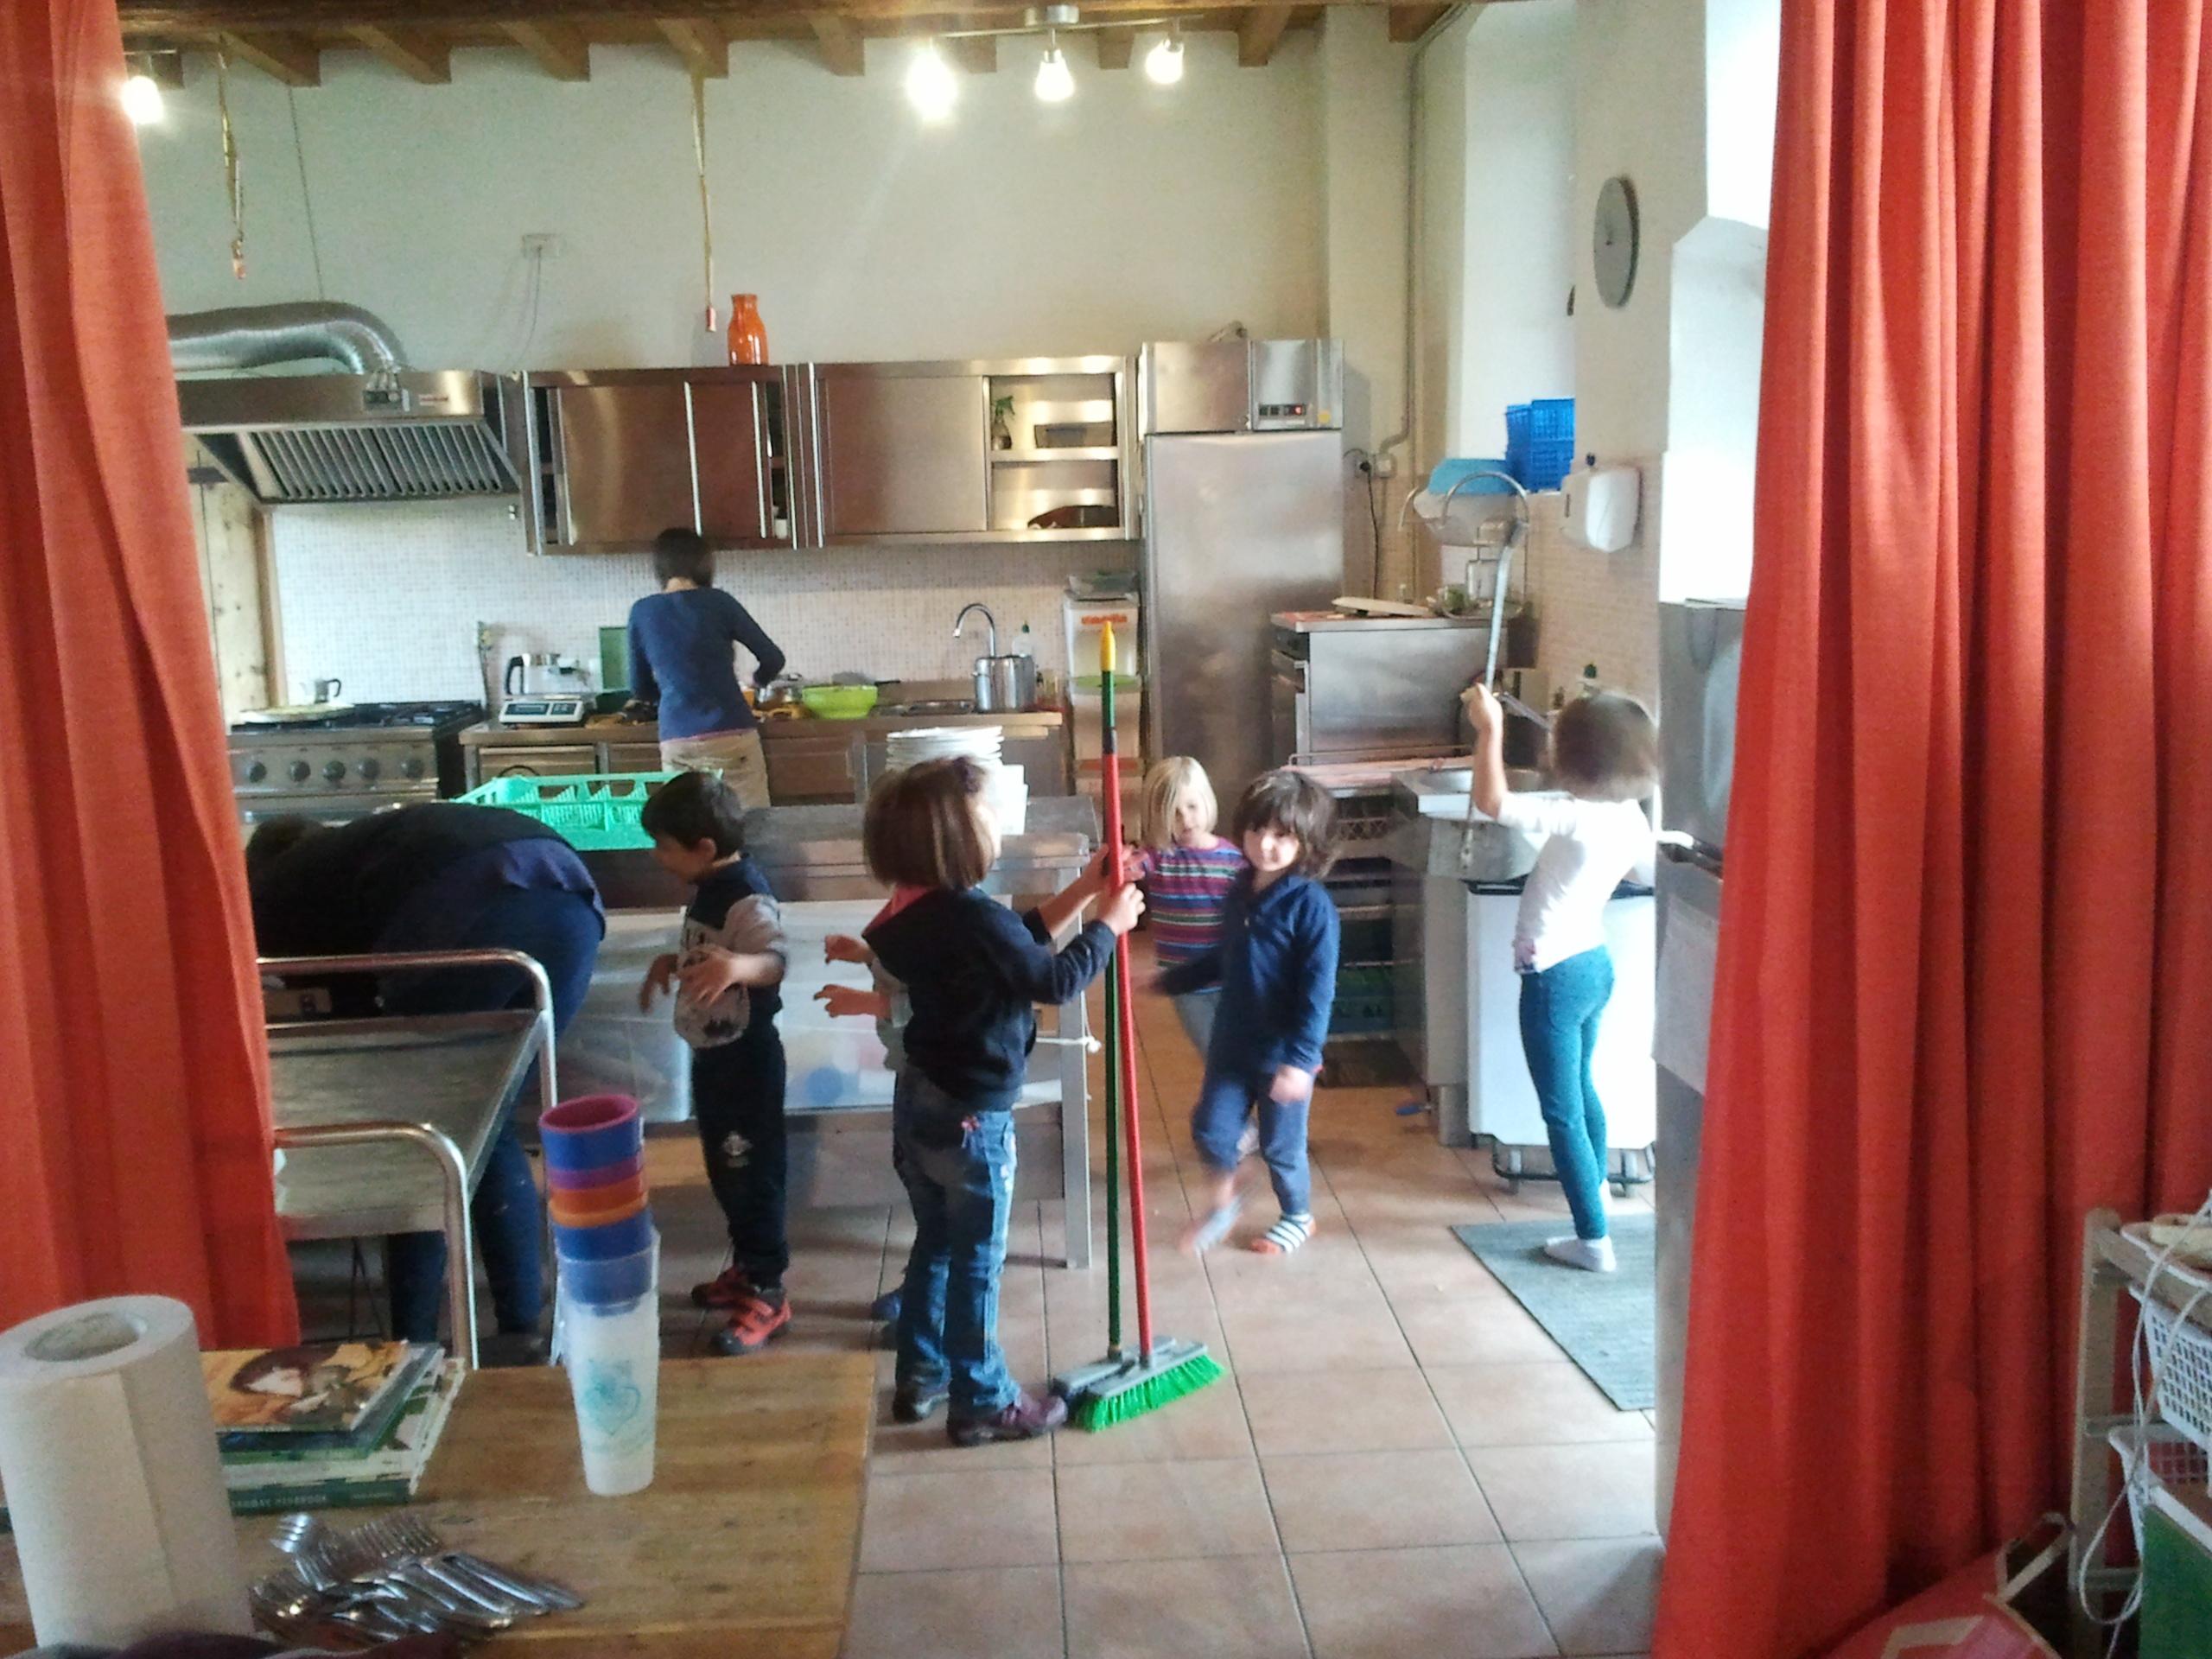 Dopo il pranzo i bambini aiutano nelle pulizie